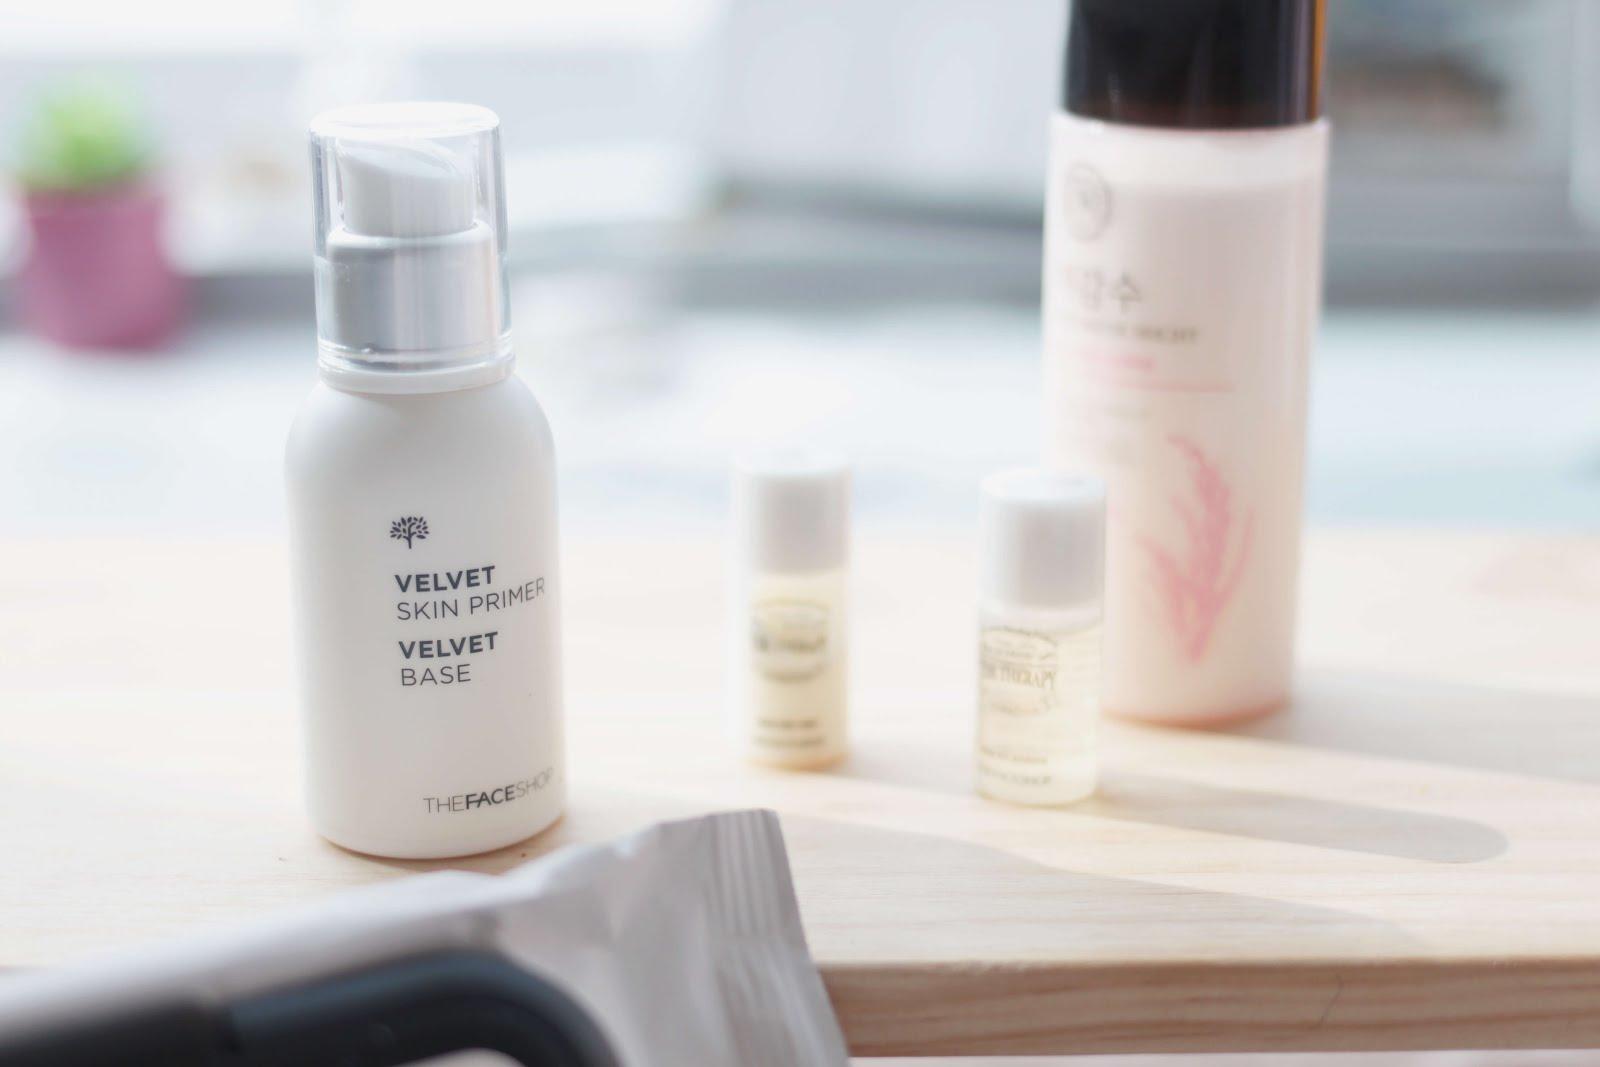 the face shop velvet skin primer velvet base